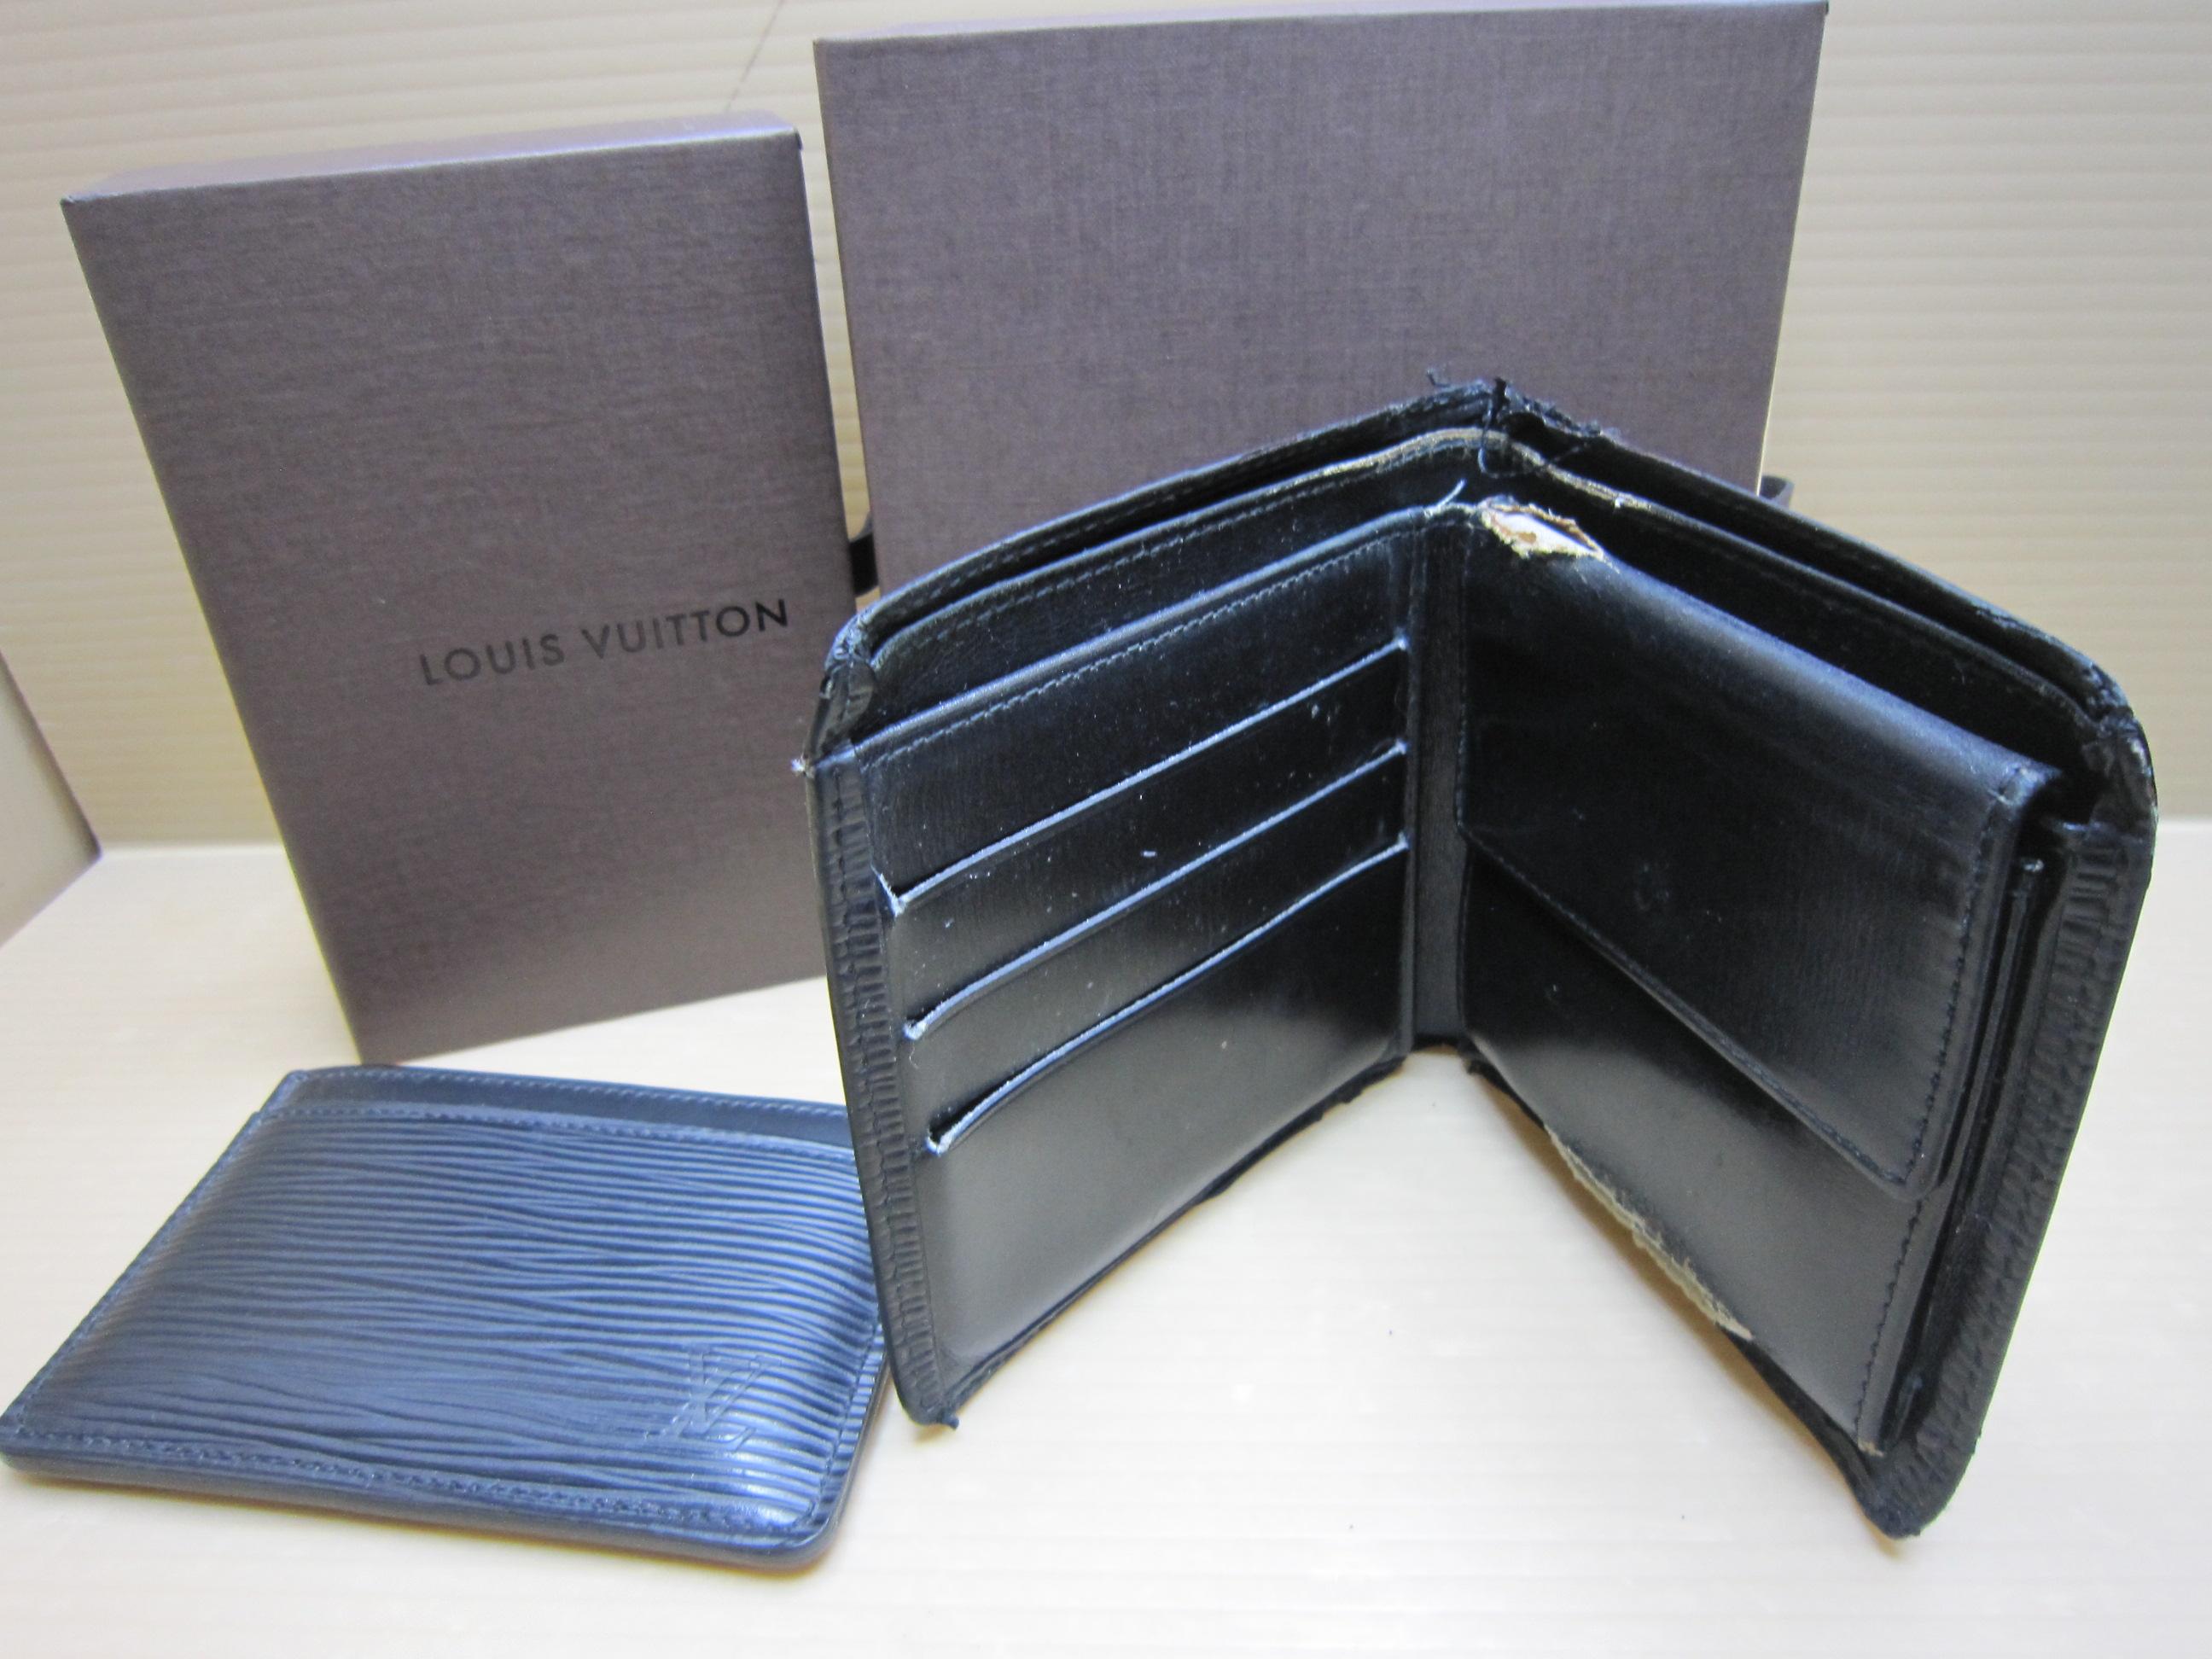 lowest price 8fda4 569b7 ジャム鳥取店|ルイ・ヴィトンのエピお財布、カード入れをお売り ...